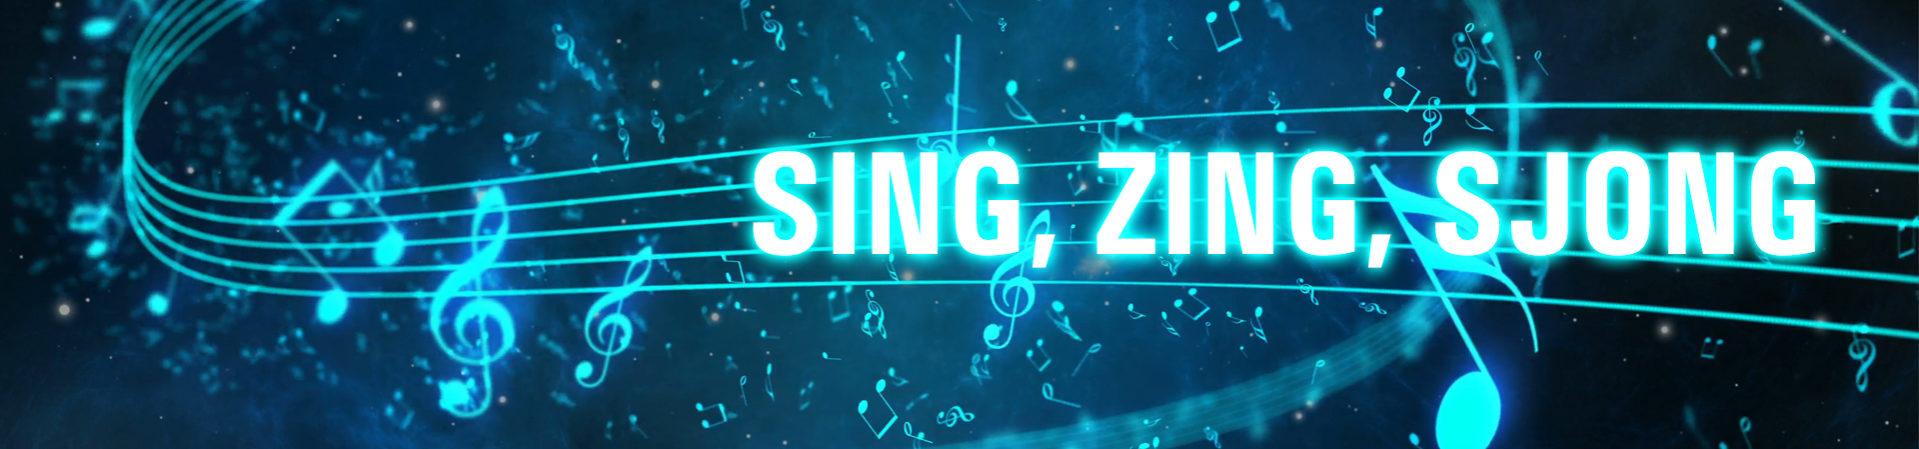 Sing, Zing, Sjong 1920x450